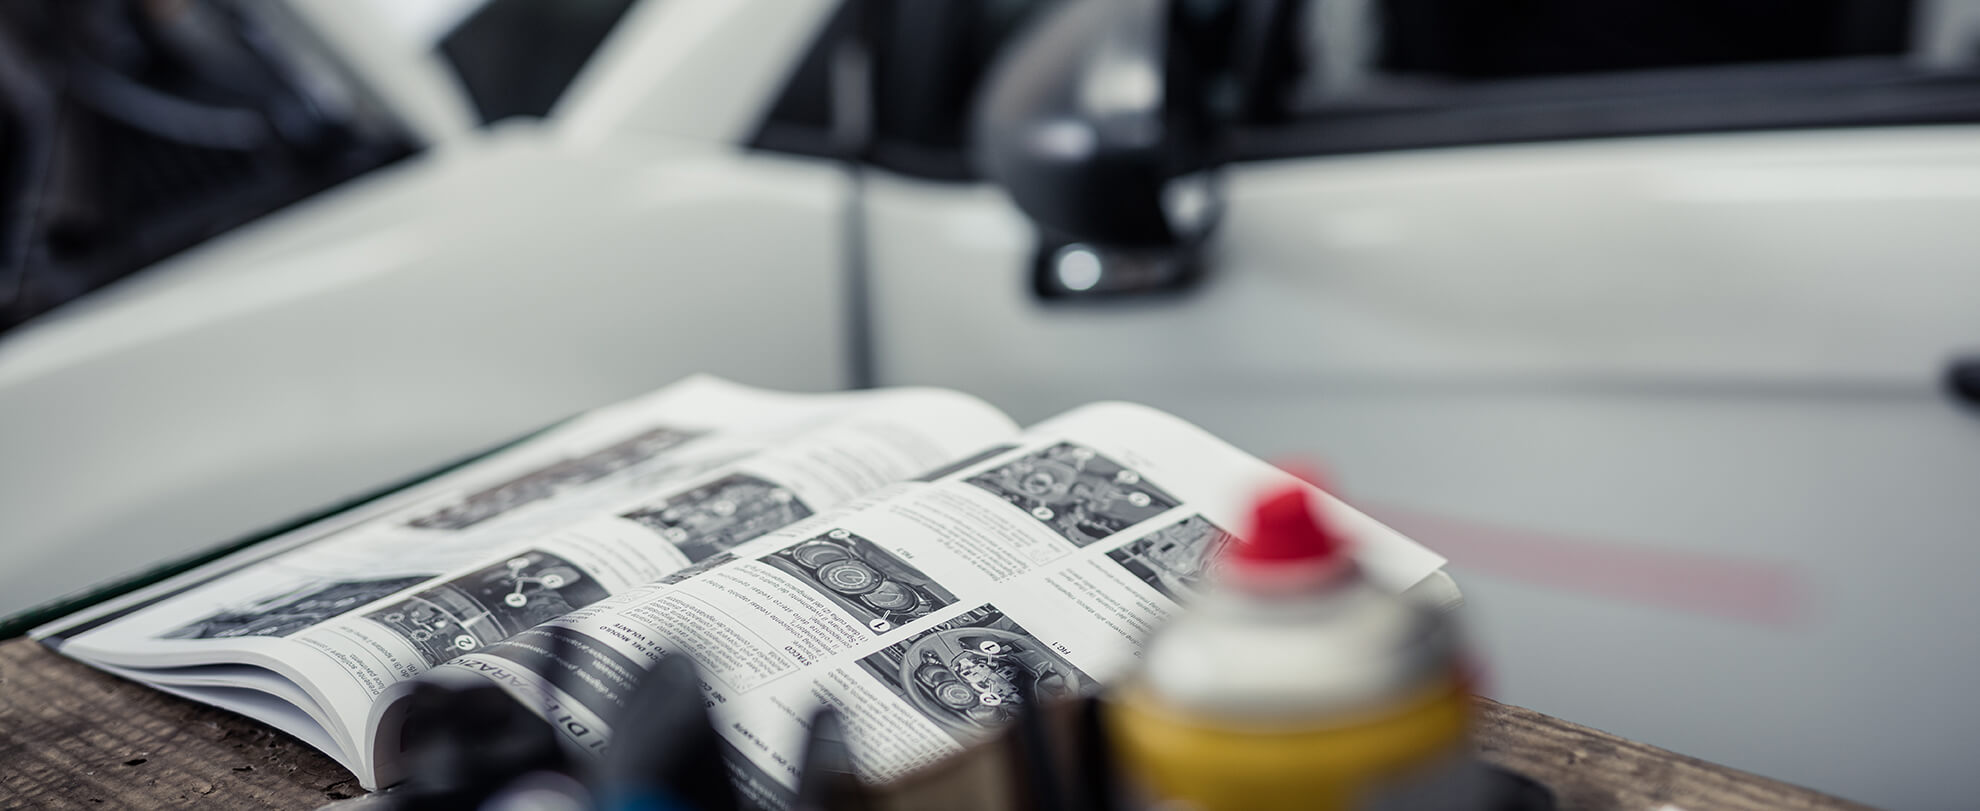 Rivista Tecnica di Riparazione Auto Primo Piano